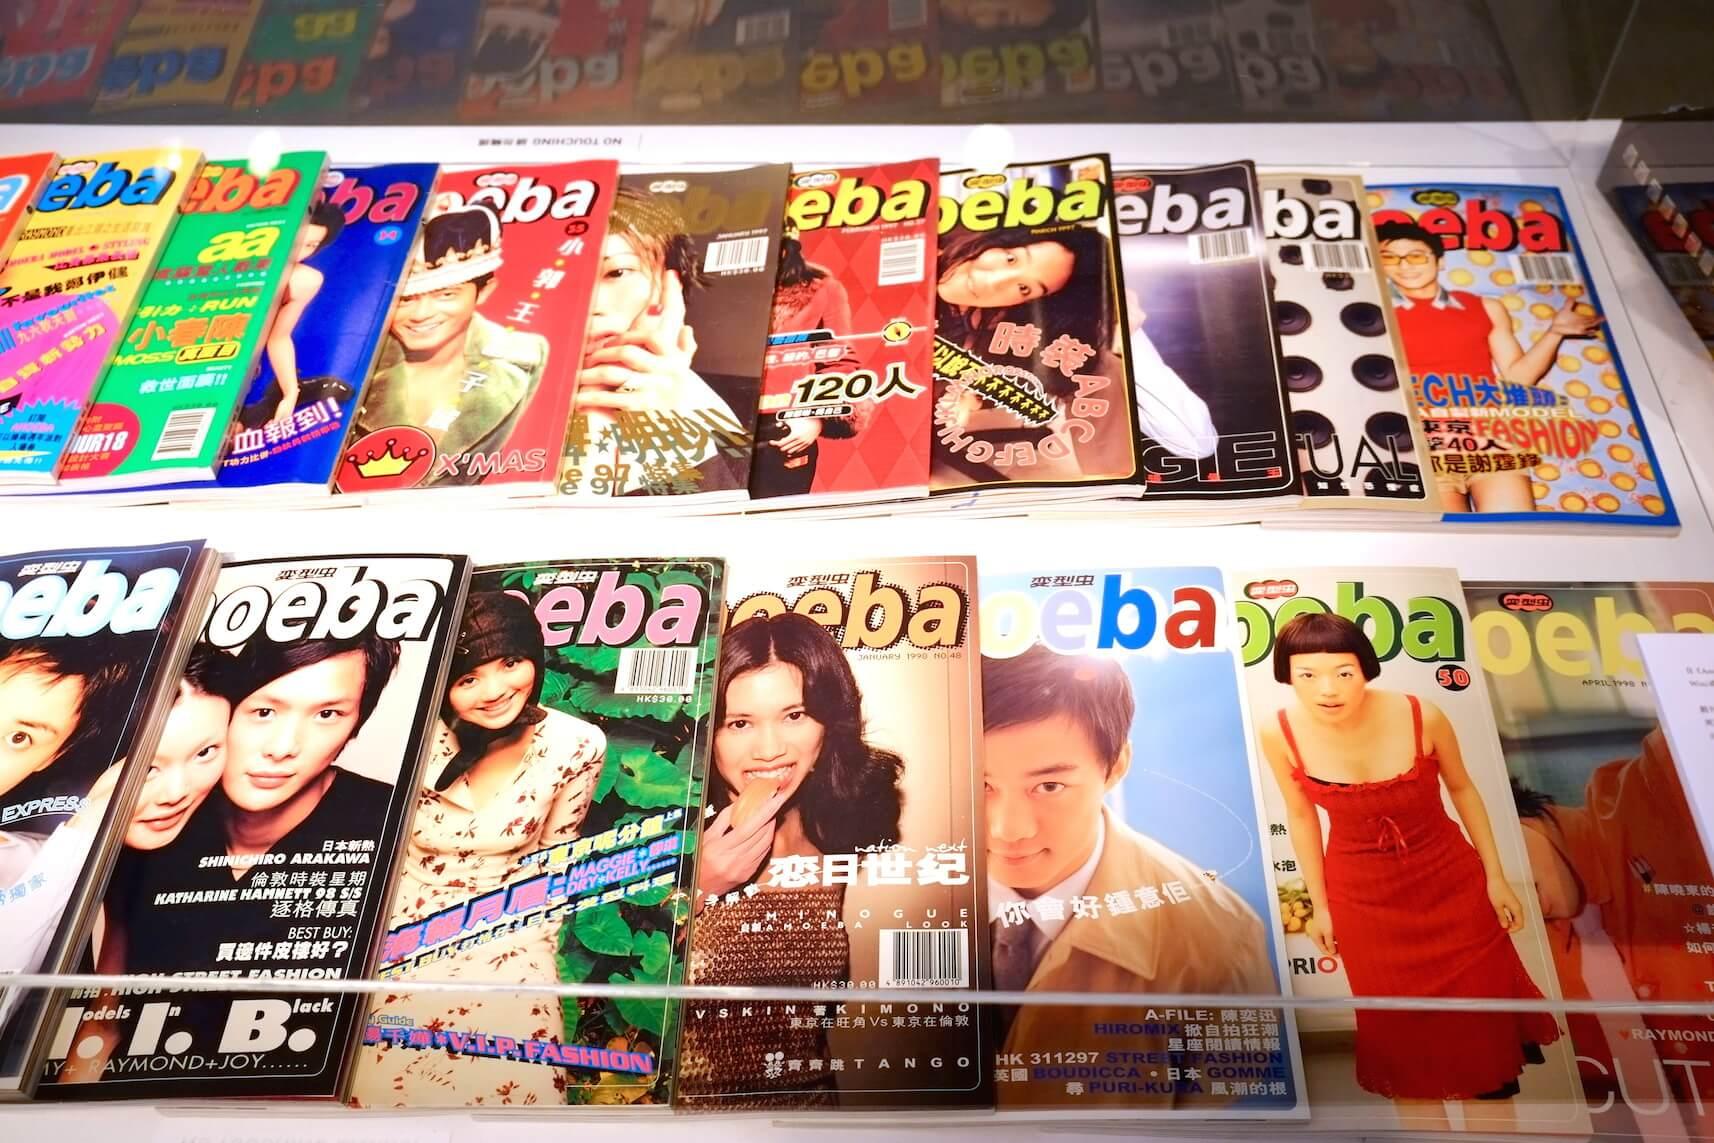 由傳奇時裝編輯黎堅惠創辦的雜誌《Amoeba》,是香港時裝史上的輝煌一頁。